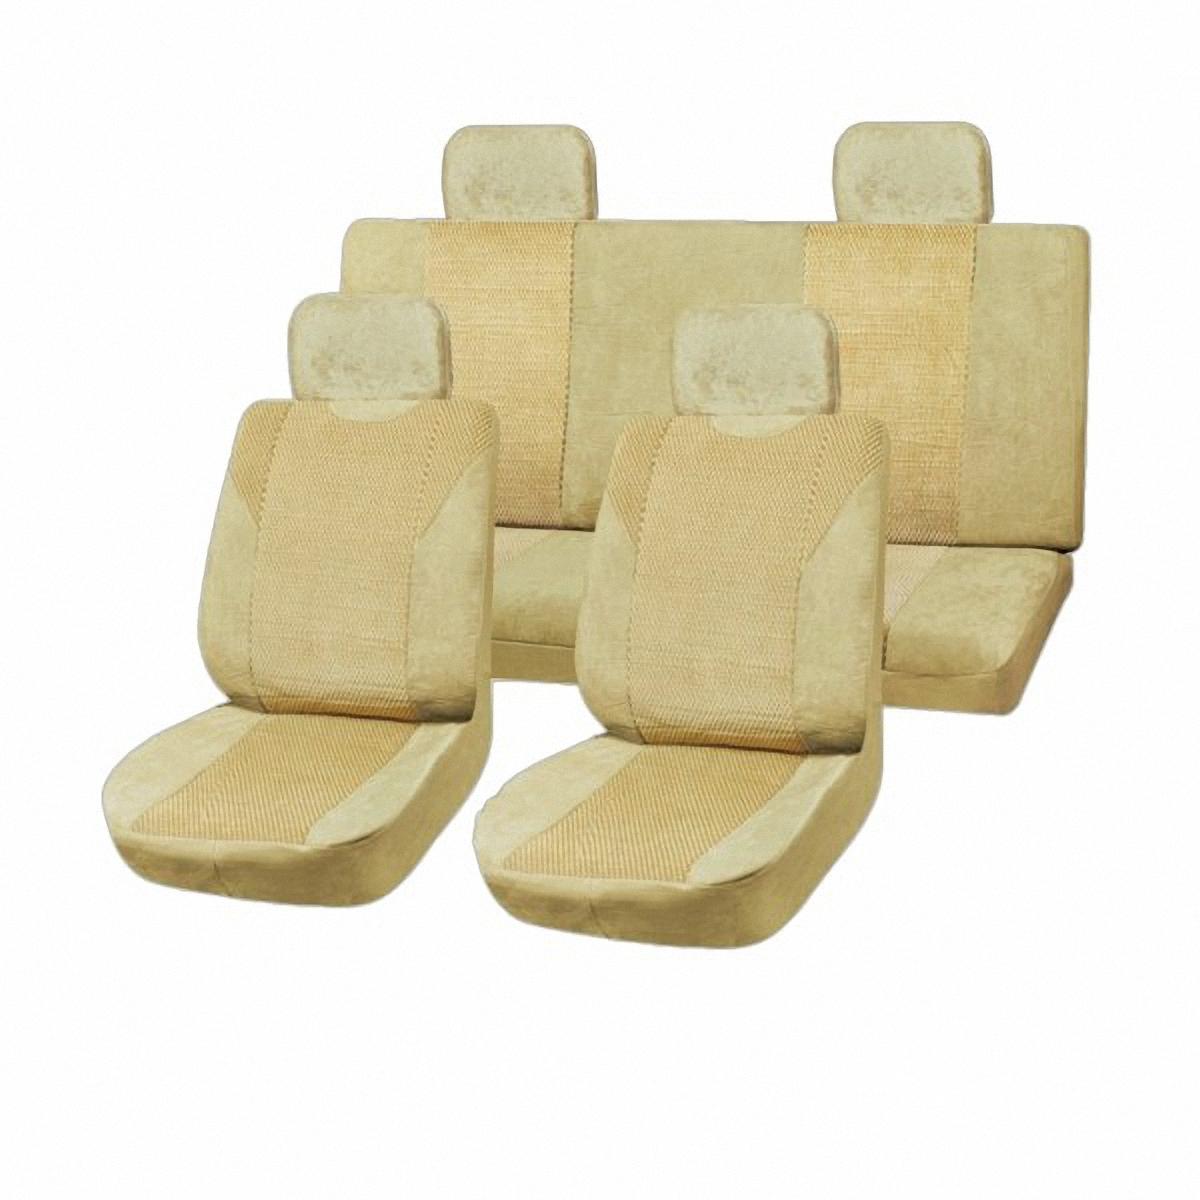 Чехлы автомобильные Skyway. SW-111029 BE/S01301005Ветерок 2ГФВам не хватает уюта и комфорта в салоне? Самый лучший способ изменить это – «одеть» ваши сидения в чехлы SKYWAY. Изготовленные из прочного материала они защитят ваш салон от износа и повреждений. Более плотный поролон позволяет чехлам полностью прилегать к сидению автомобиля и меньше растягиваться в процессе использования. Ткань чехлов на сиденья SKYWAY не вытягивается, не истирается, великолепно сохраняет форму, устойчива к световому и тепловому воздействию, а ровные, крепкие швы не разойдутся даже при сильном натяжении.